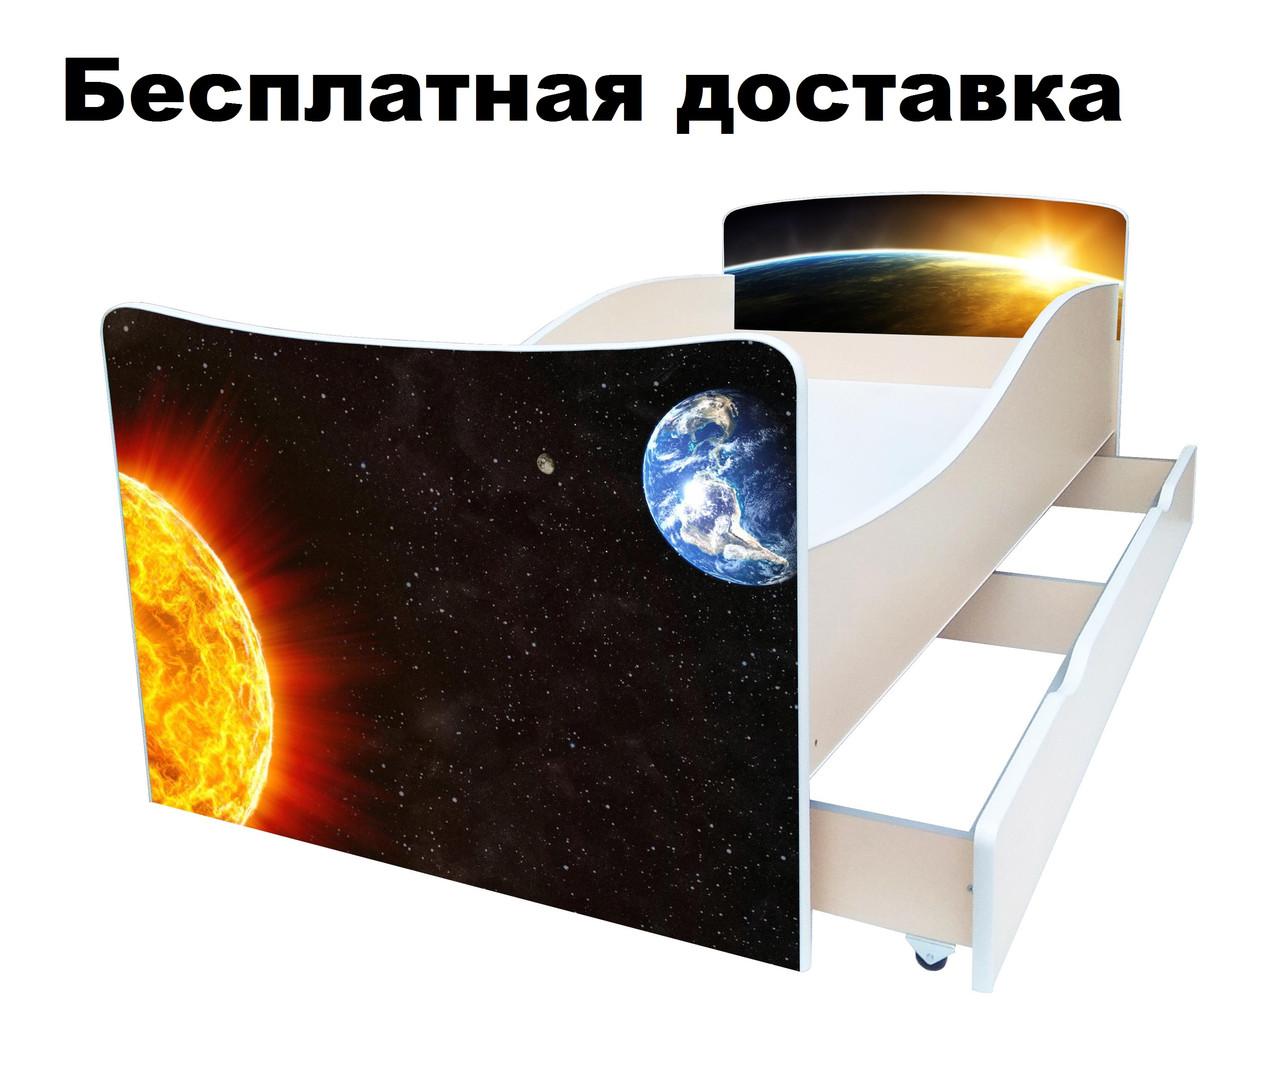 Детская кровать Вселенная планета Земля звезда Солнце